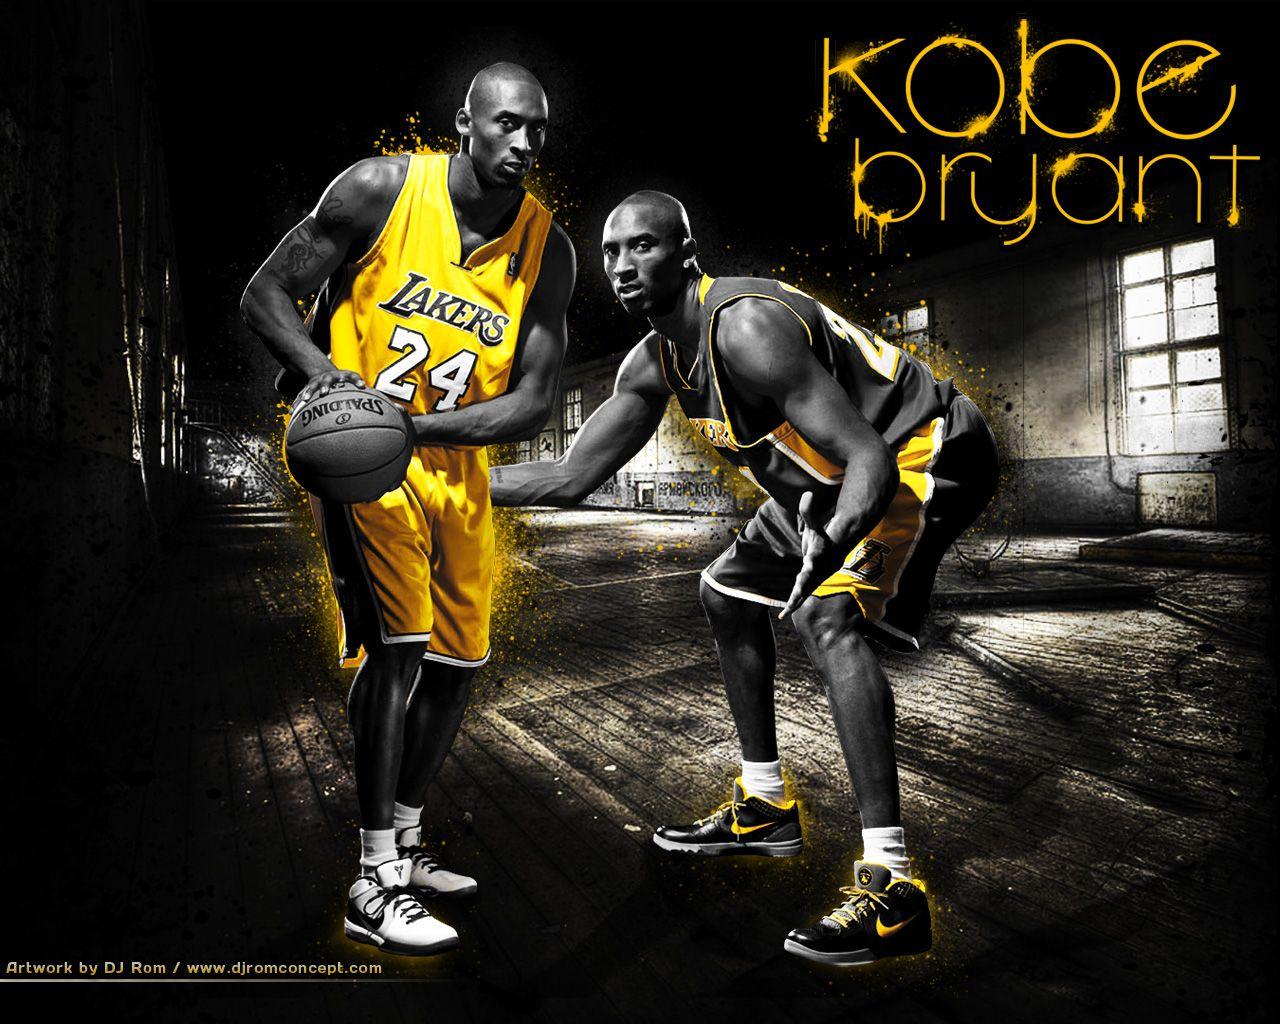 Top Hd Wallpapers Kobe Bryant Wallpapers Kobe Bryant Wallpaper Kobe Bryant Kobe Bryant Pictures